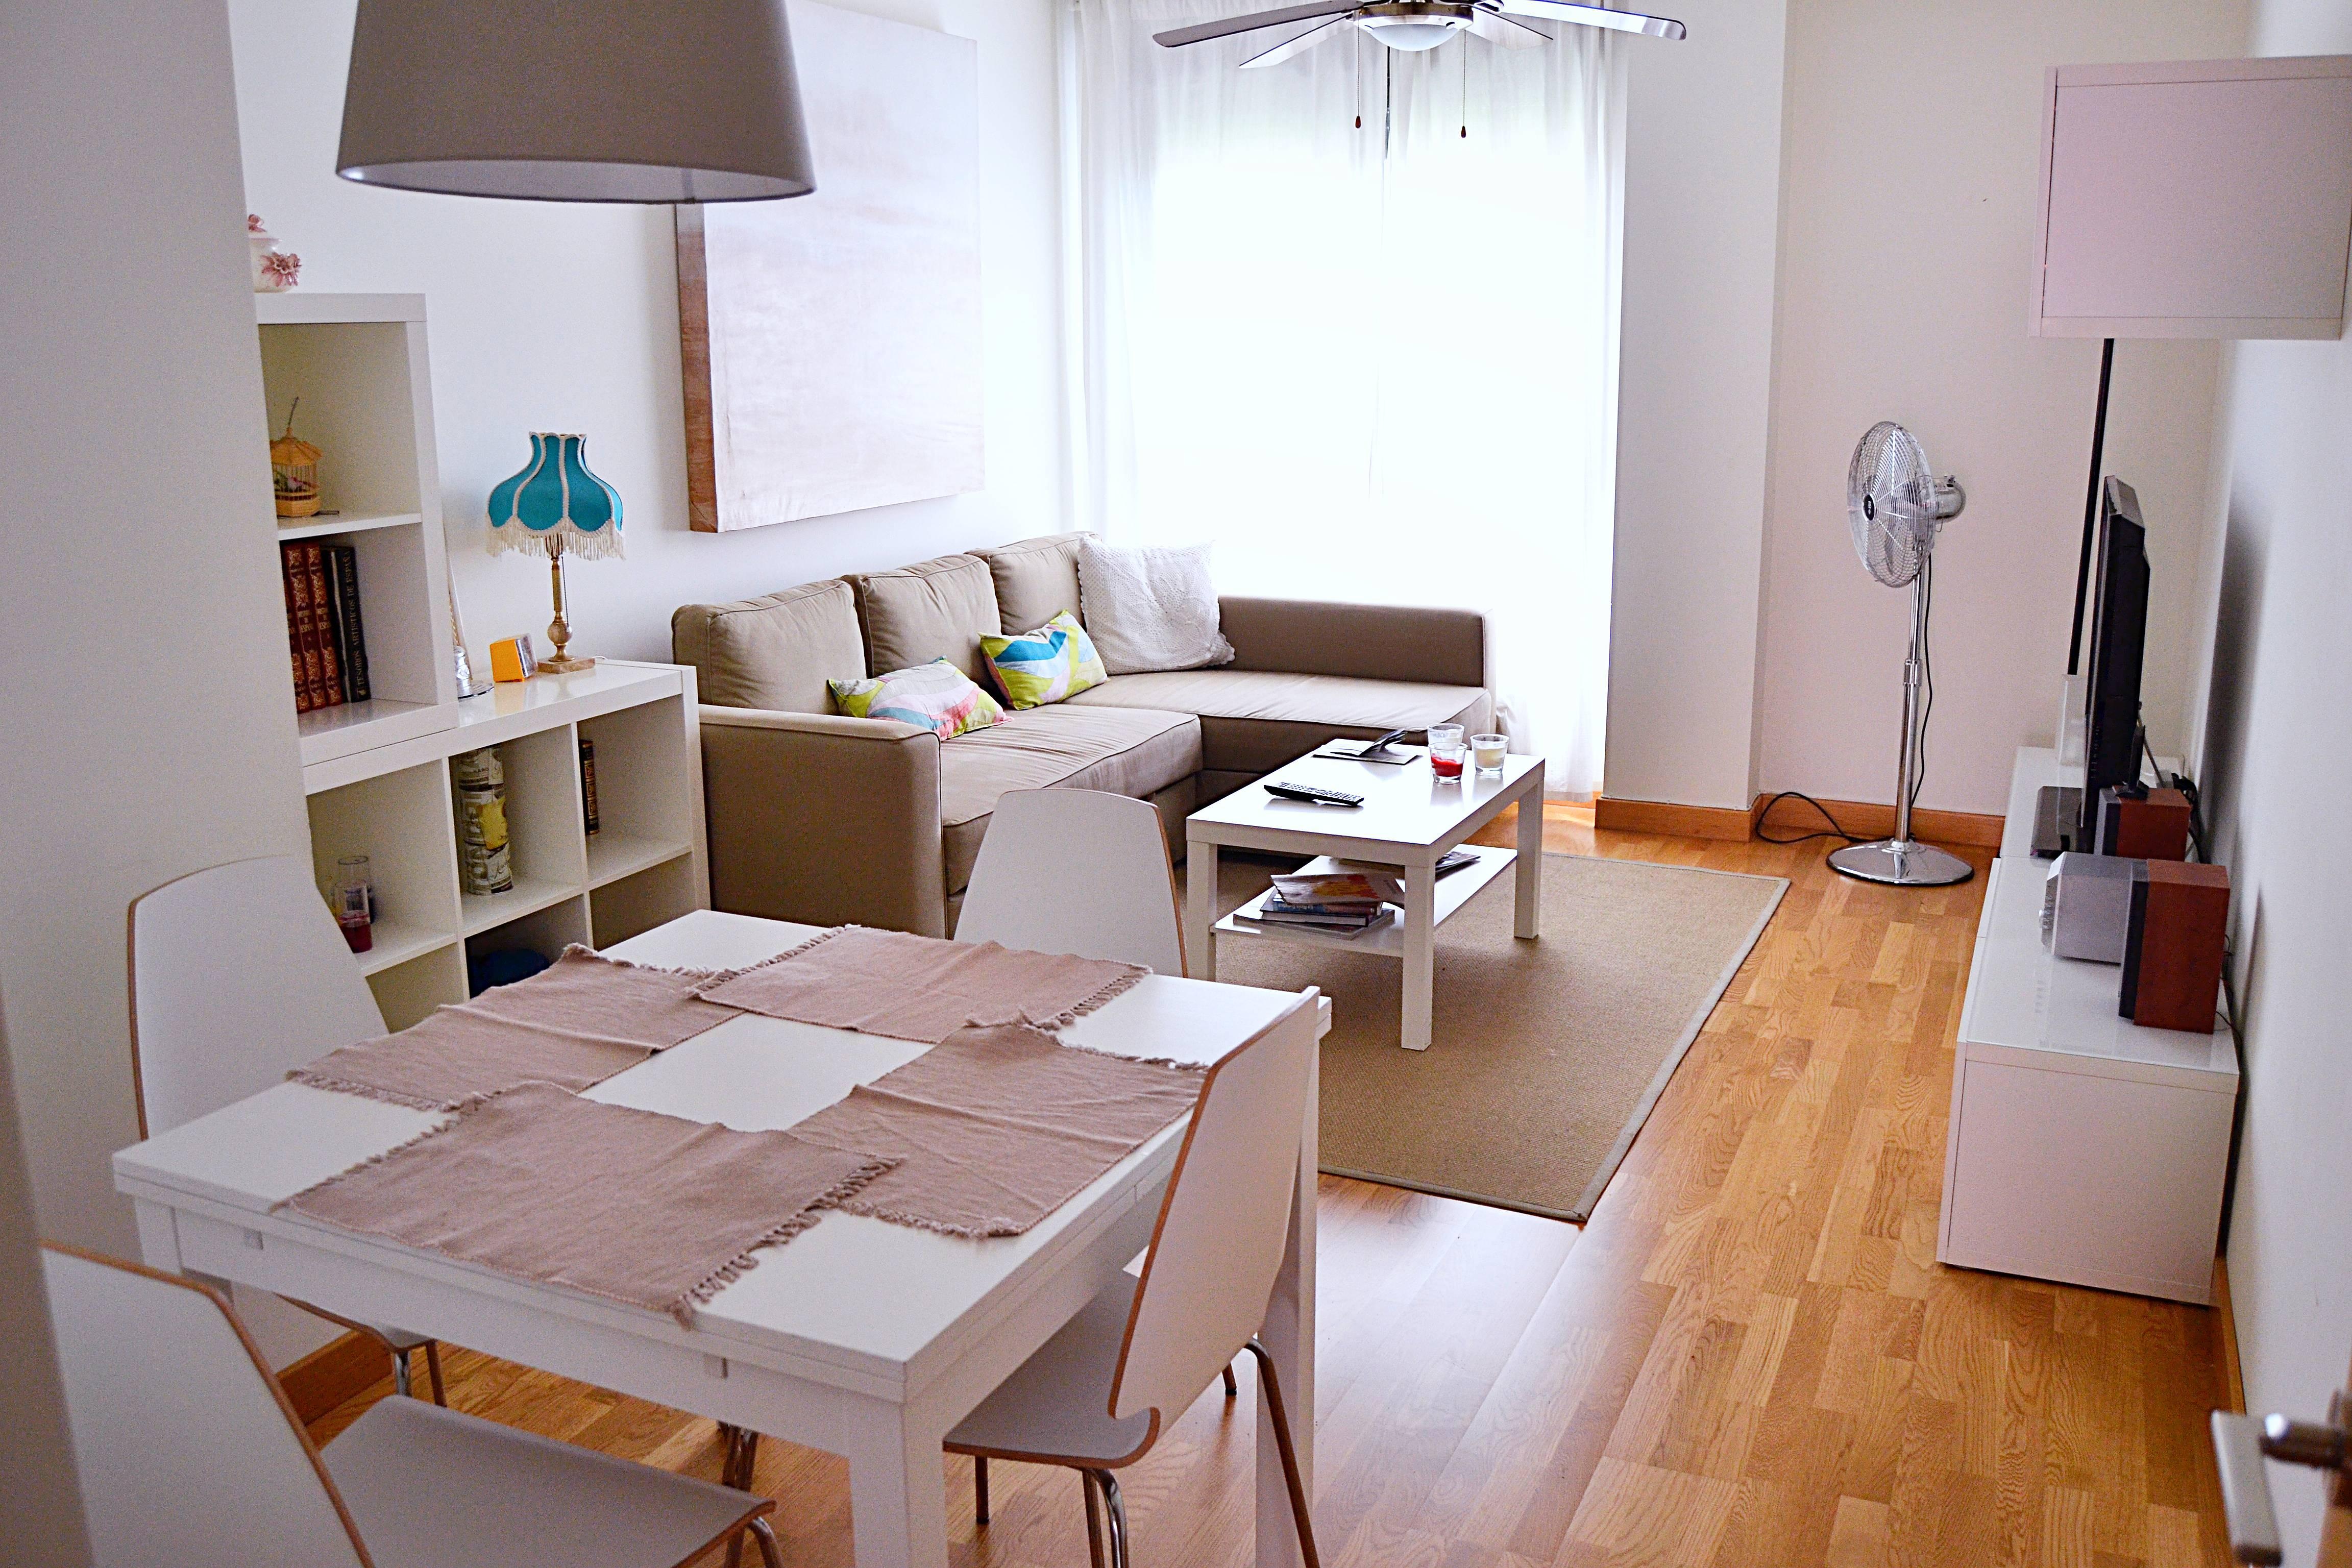 Bonito piso en el centro logro o rioja la camino de - Alquileres de pisos baratos en logrono ...